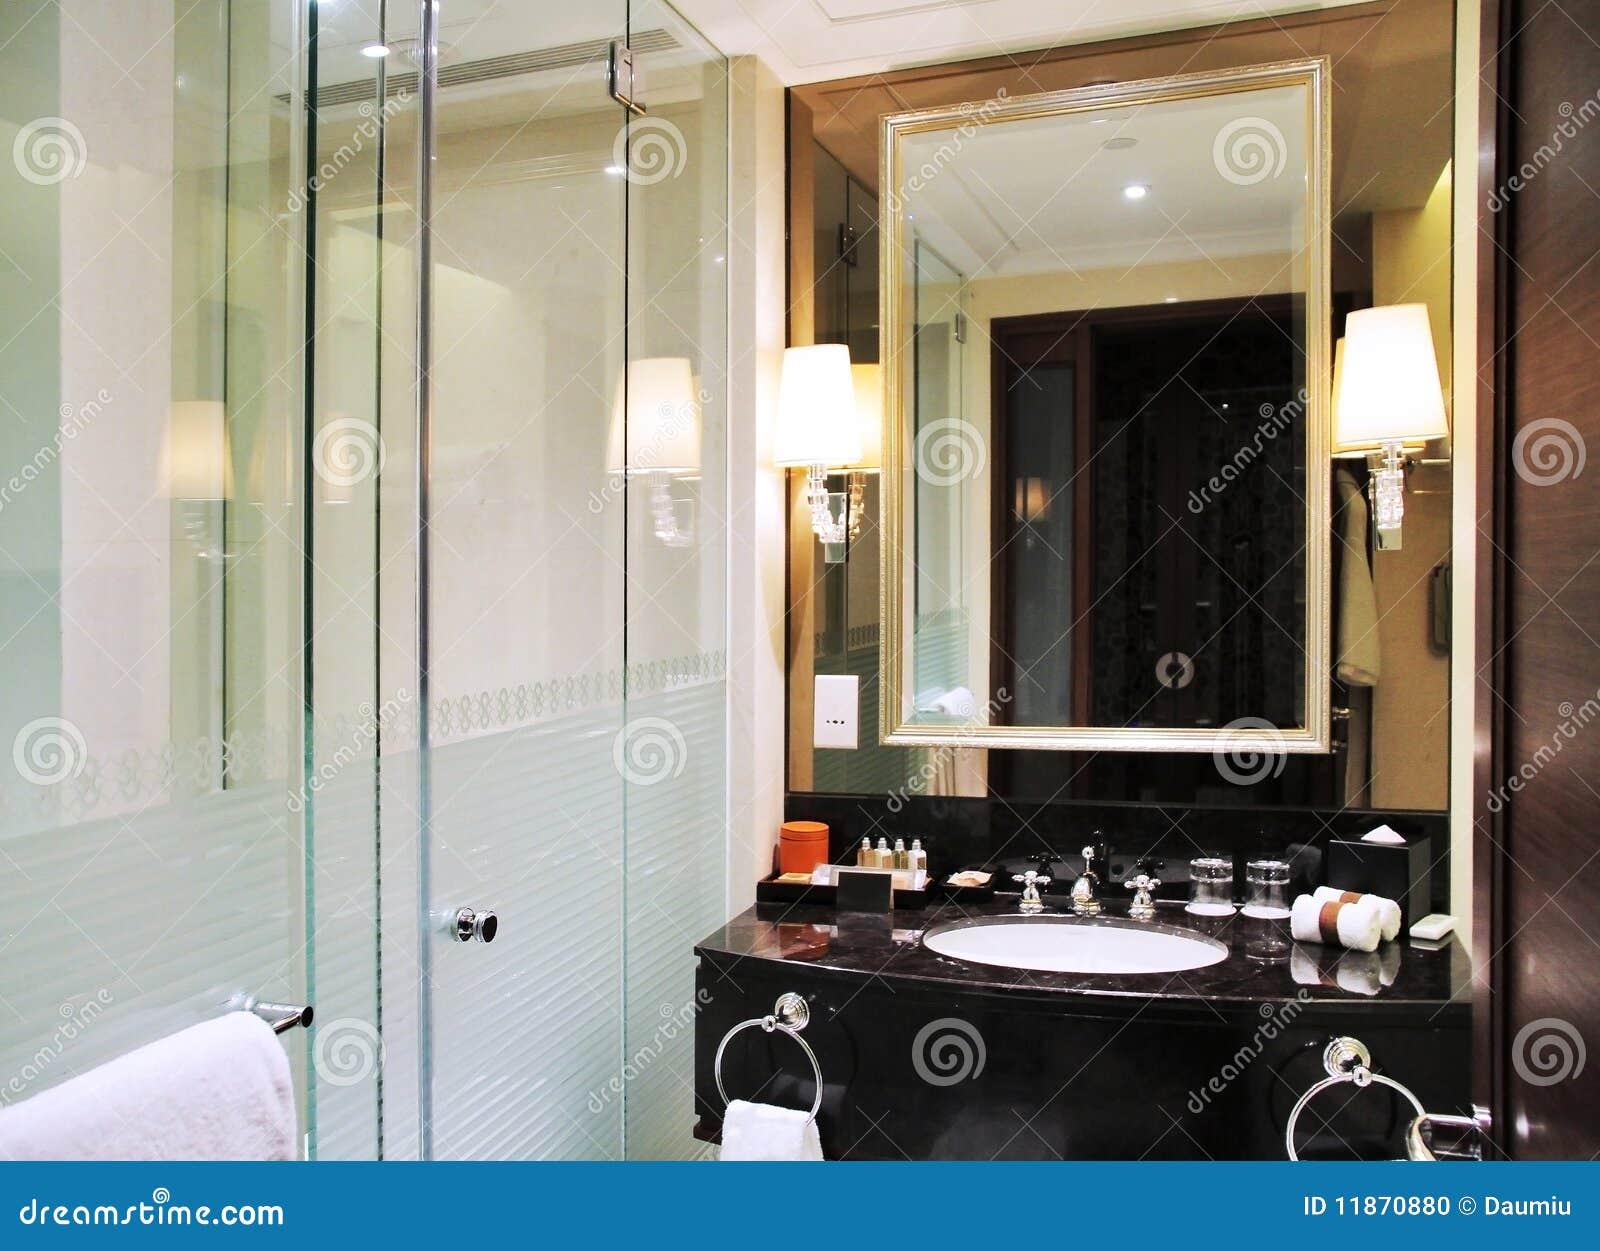 Luxury hotel washroom stock photo image 11870880 for Washroom photo